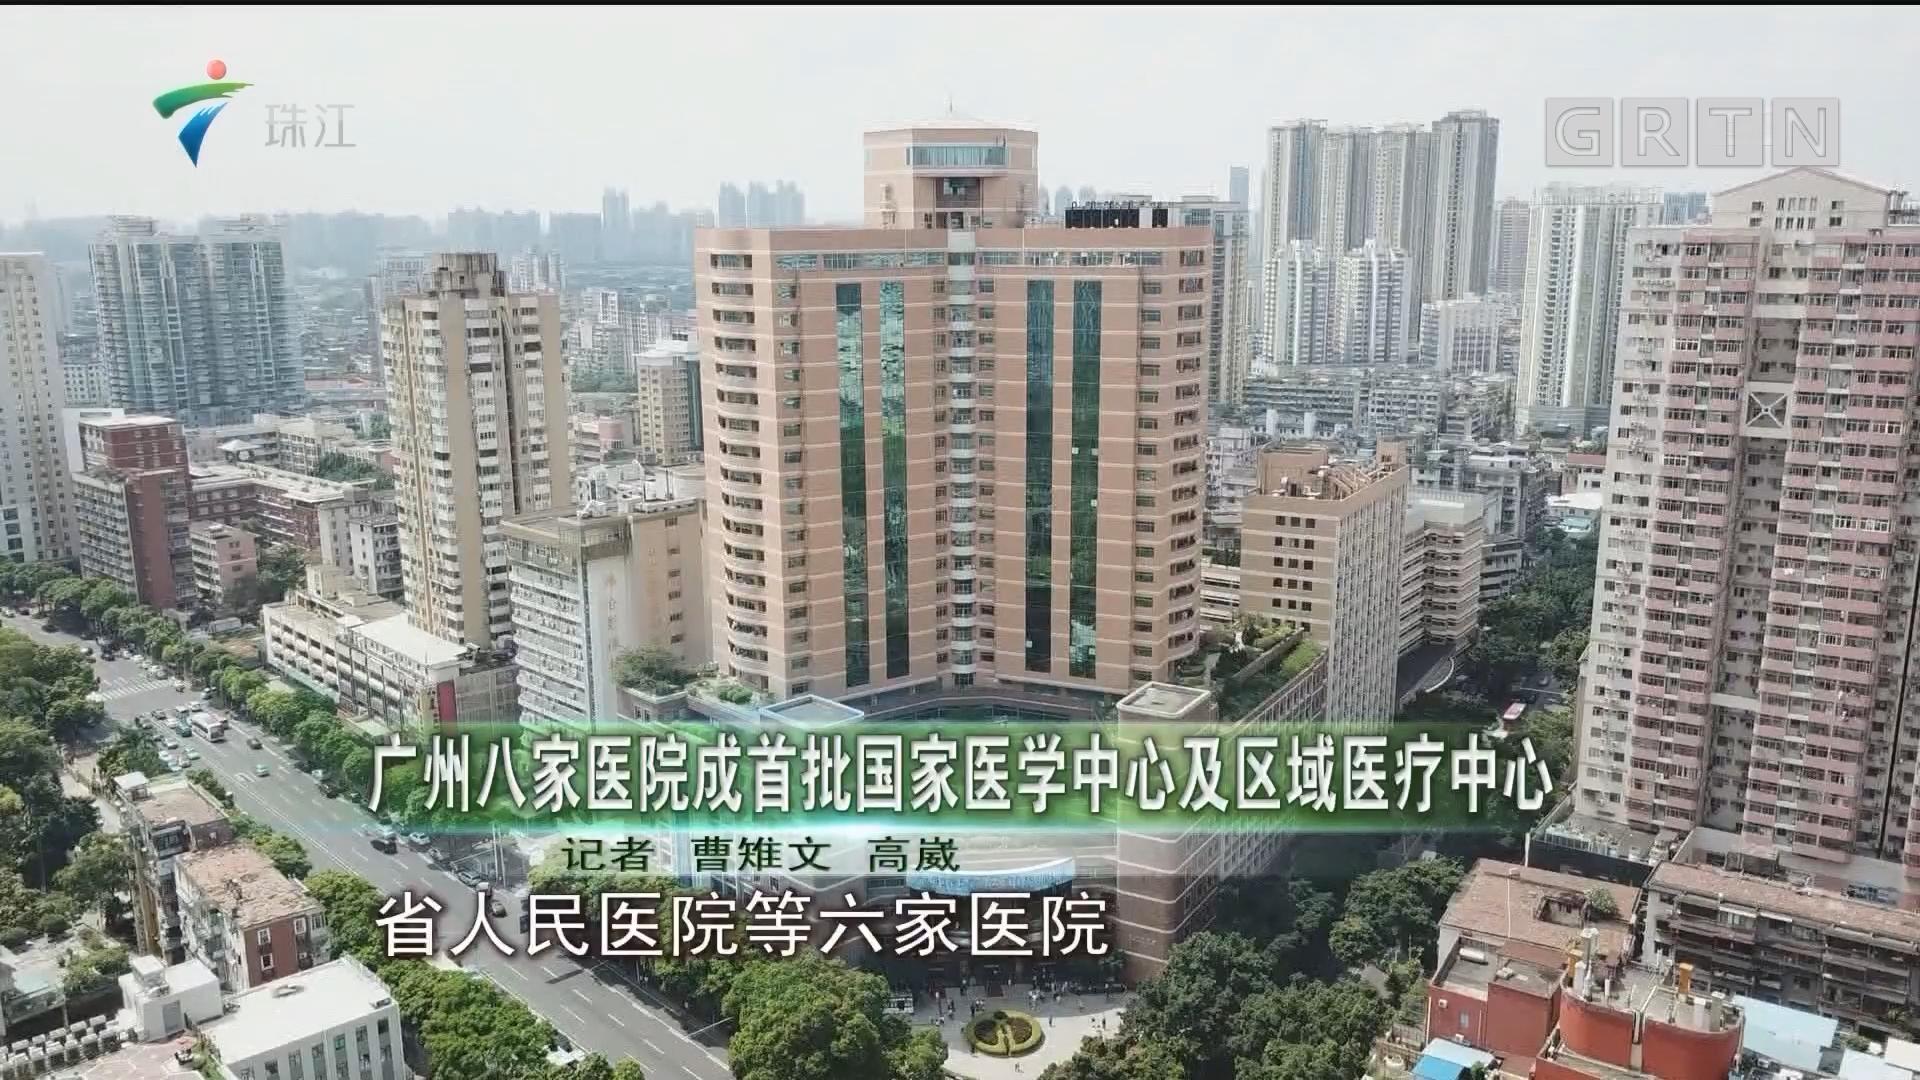 广州八家医院成首批国家医学中心及区域医疗中心